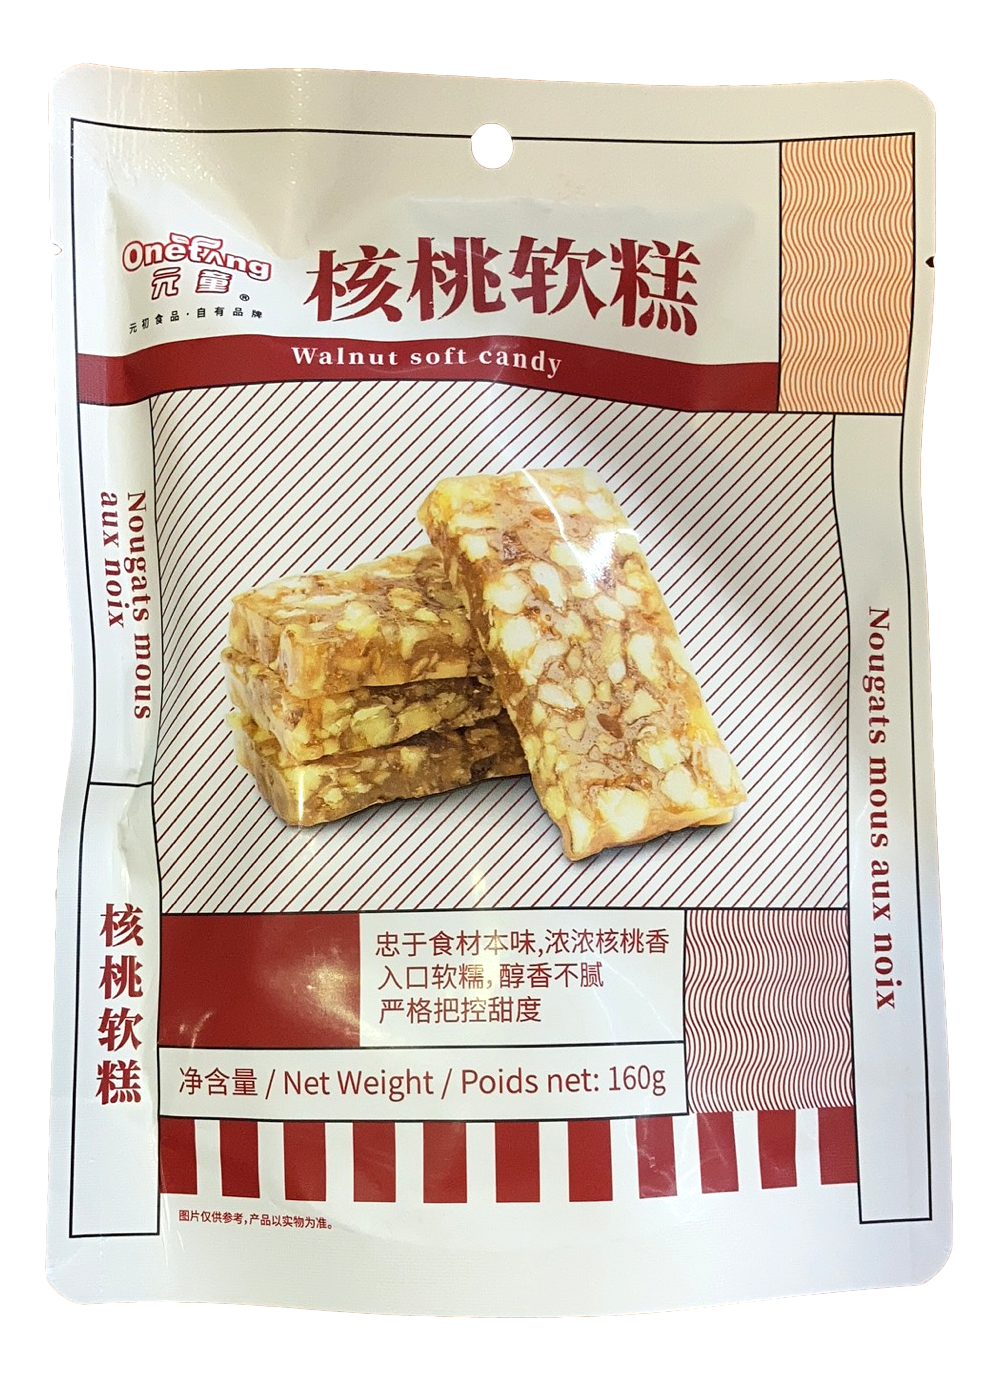 WALNUT SOFT CANDY  元童 核桃软糕(250G)